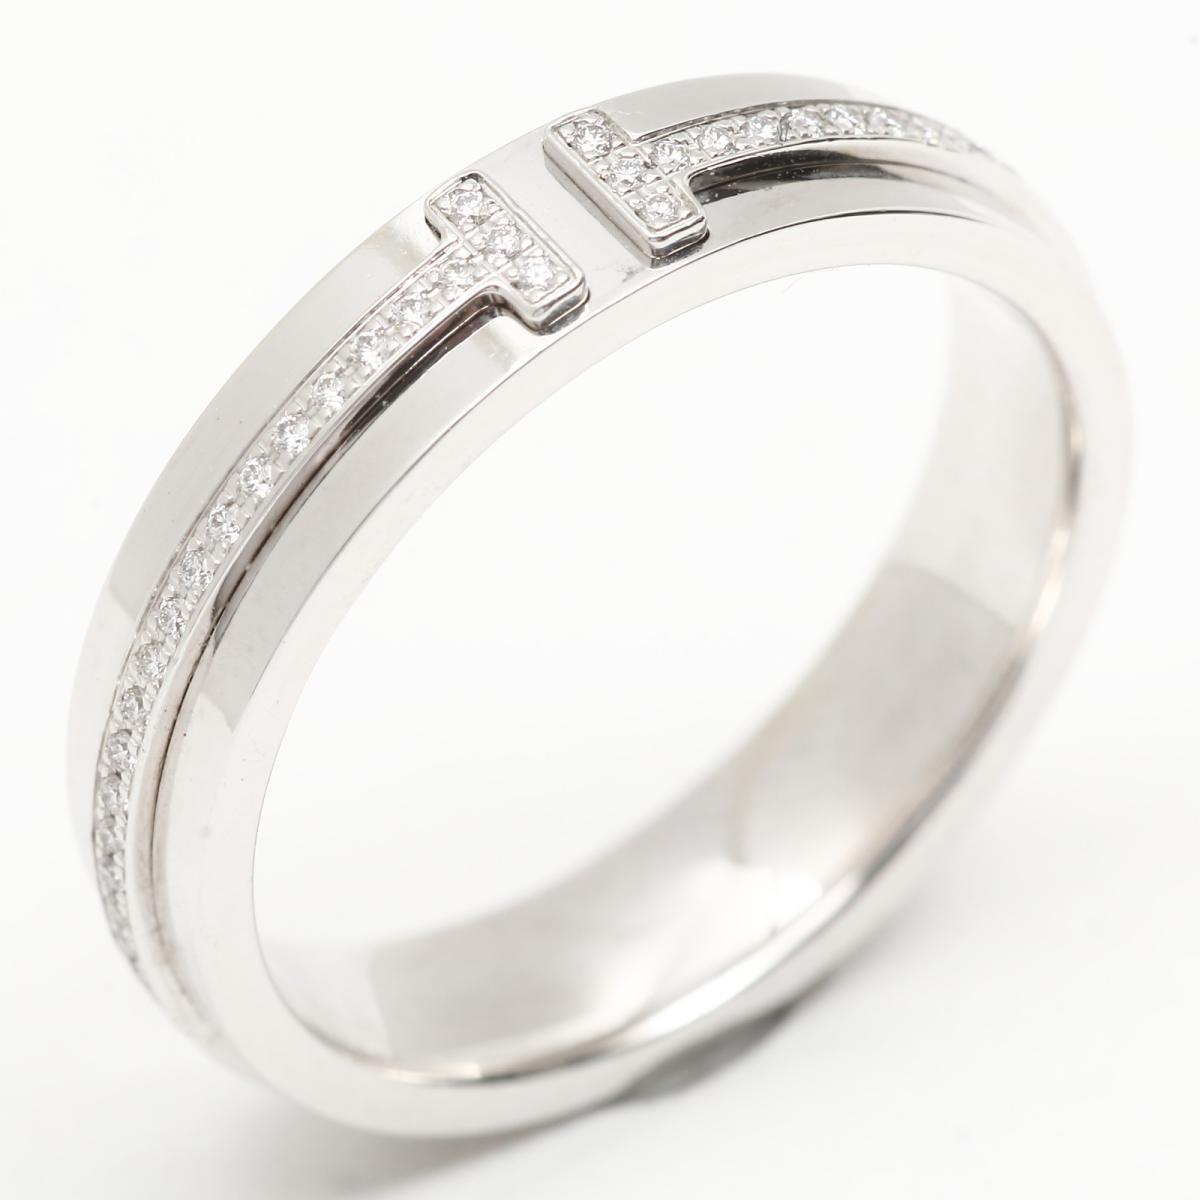 【中古】 ティファニー Tツーナロー ダイヤモンド リング 指輪 レディース K18WG (750) ホワイトゴールド x | TIFFANY&CO BRANDOFF ブランドオフ ブランド ジュエリー アクセサリー